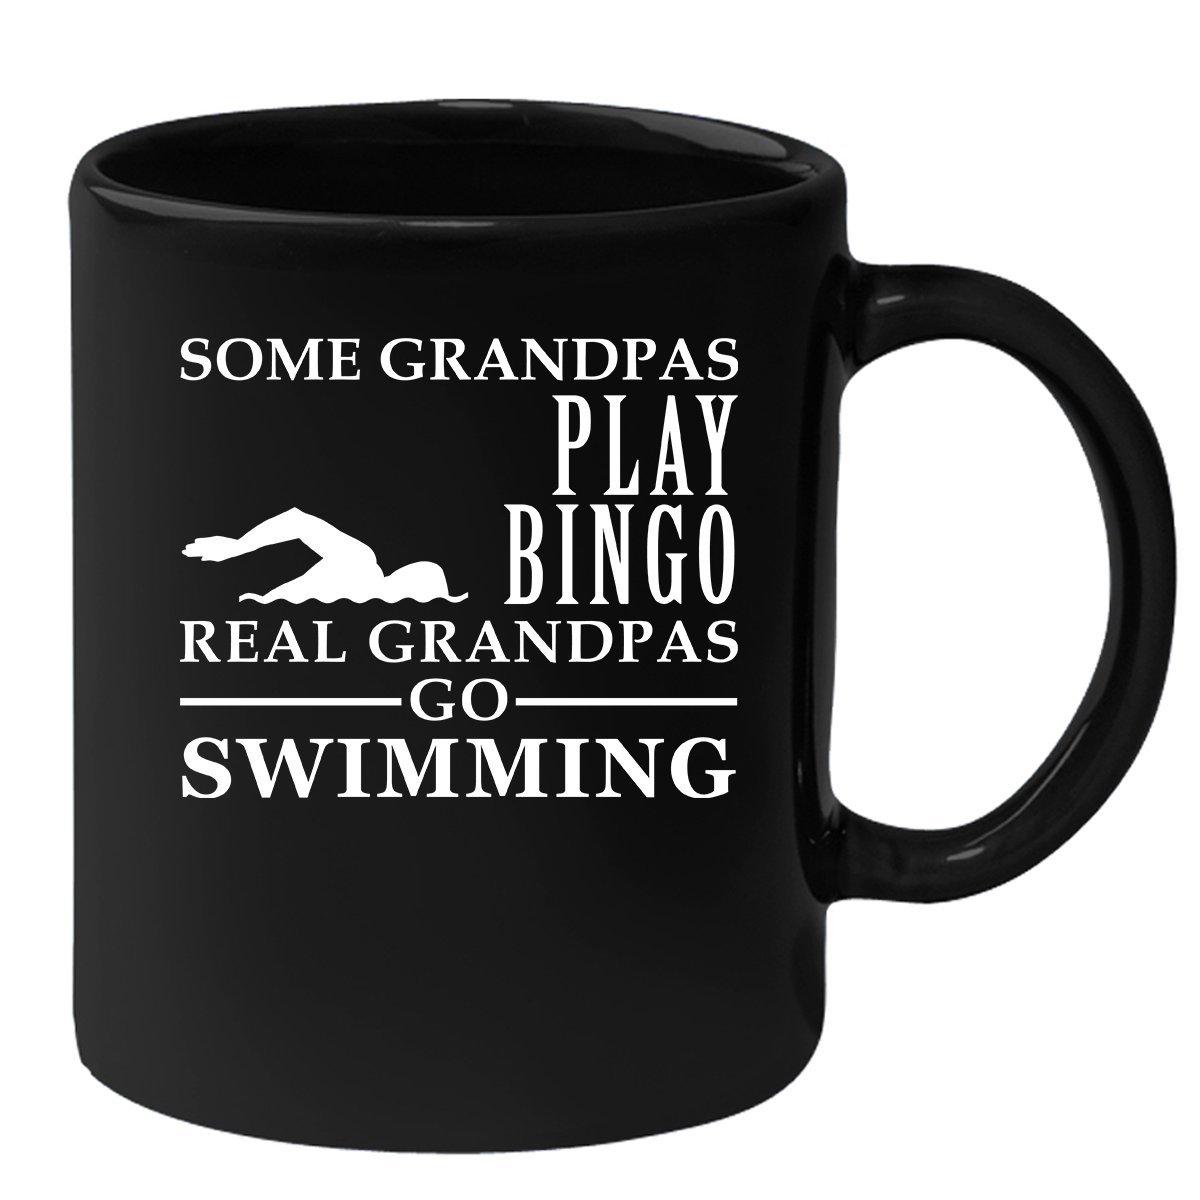 Coffee Mug for Grandpa Black 11oz Some Grandpas play bingo, real Grandpas go Swimming, Swimming Mug